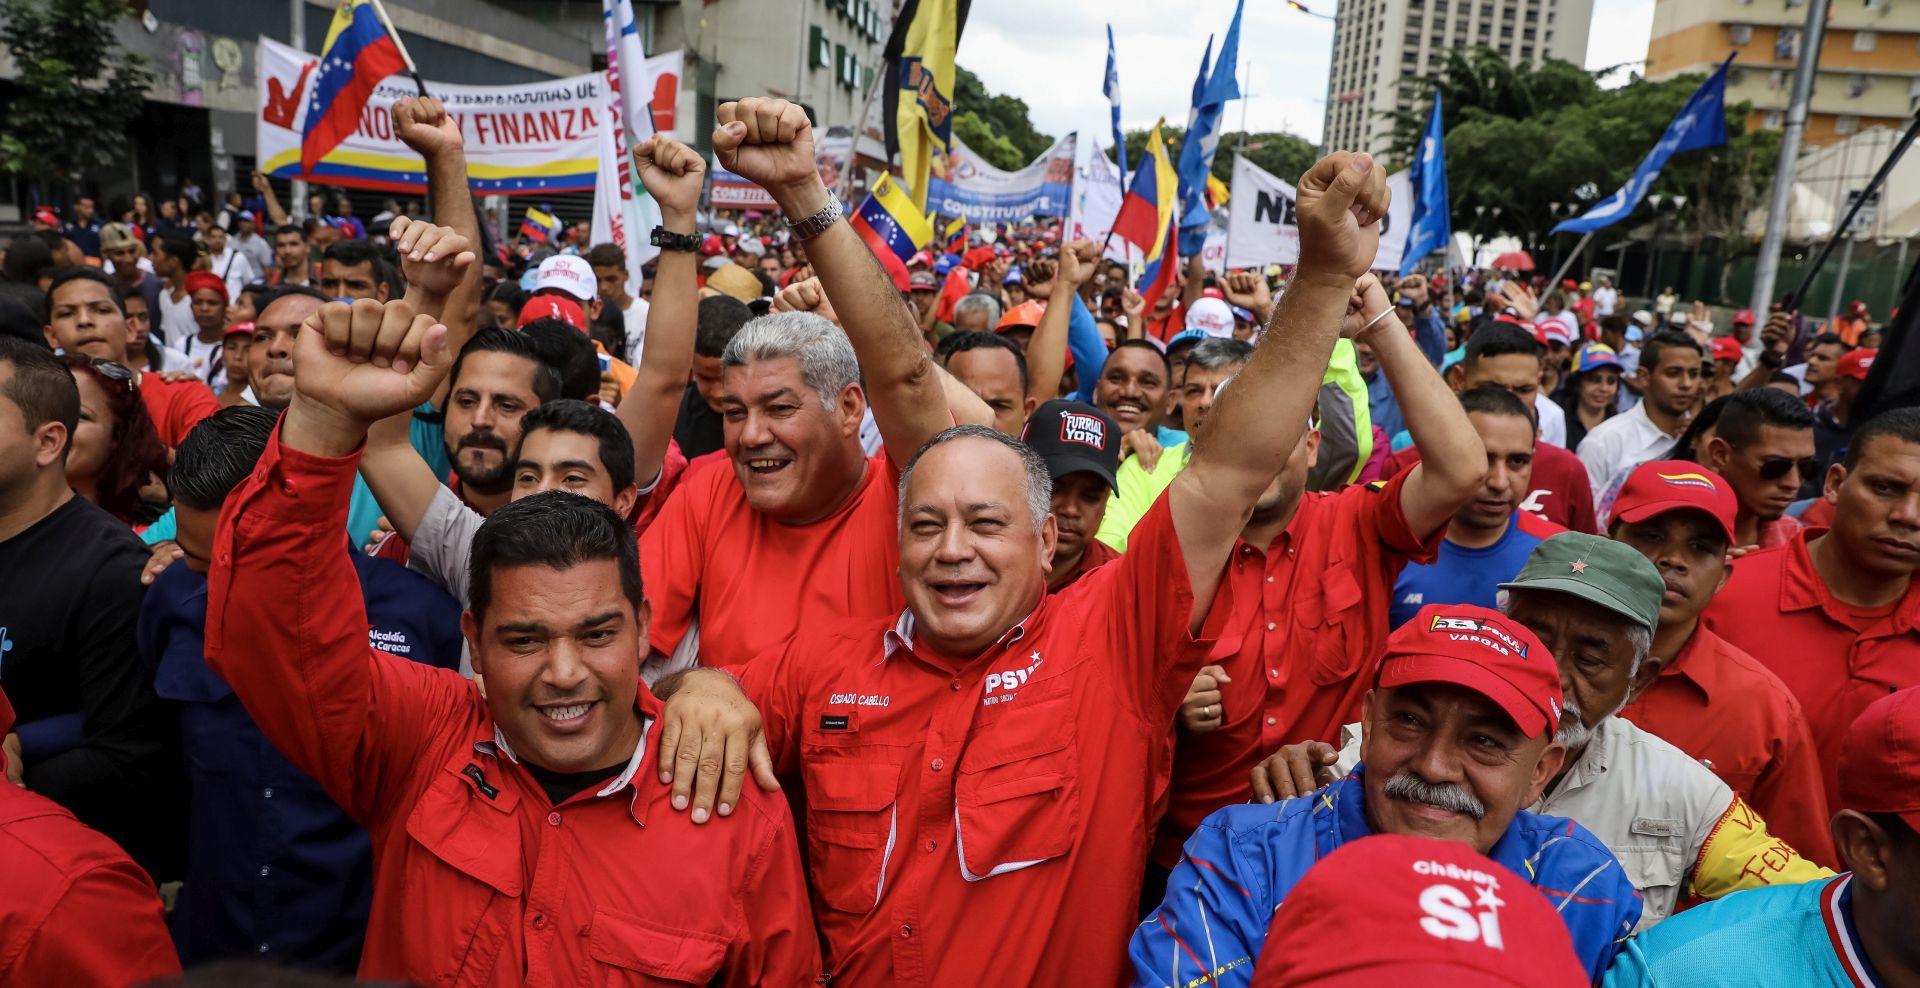 Vrhovni sud Venezuele naredio uhićenje načelnika Muchacha